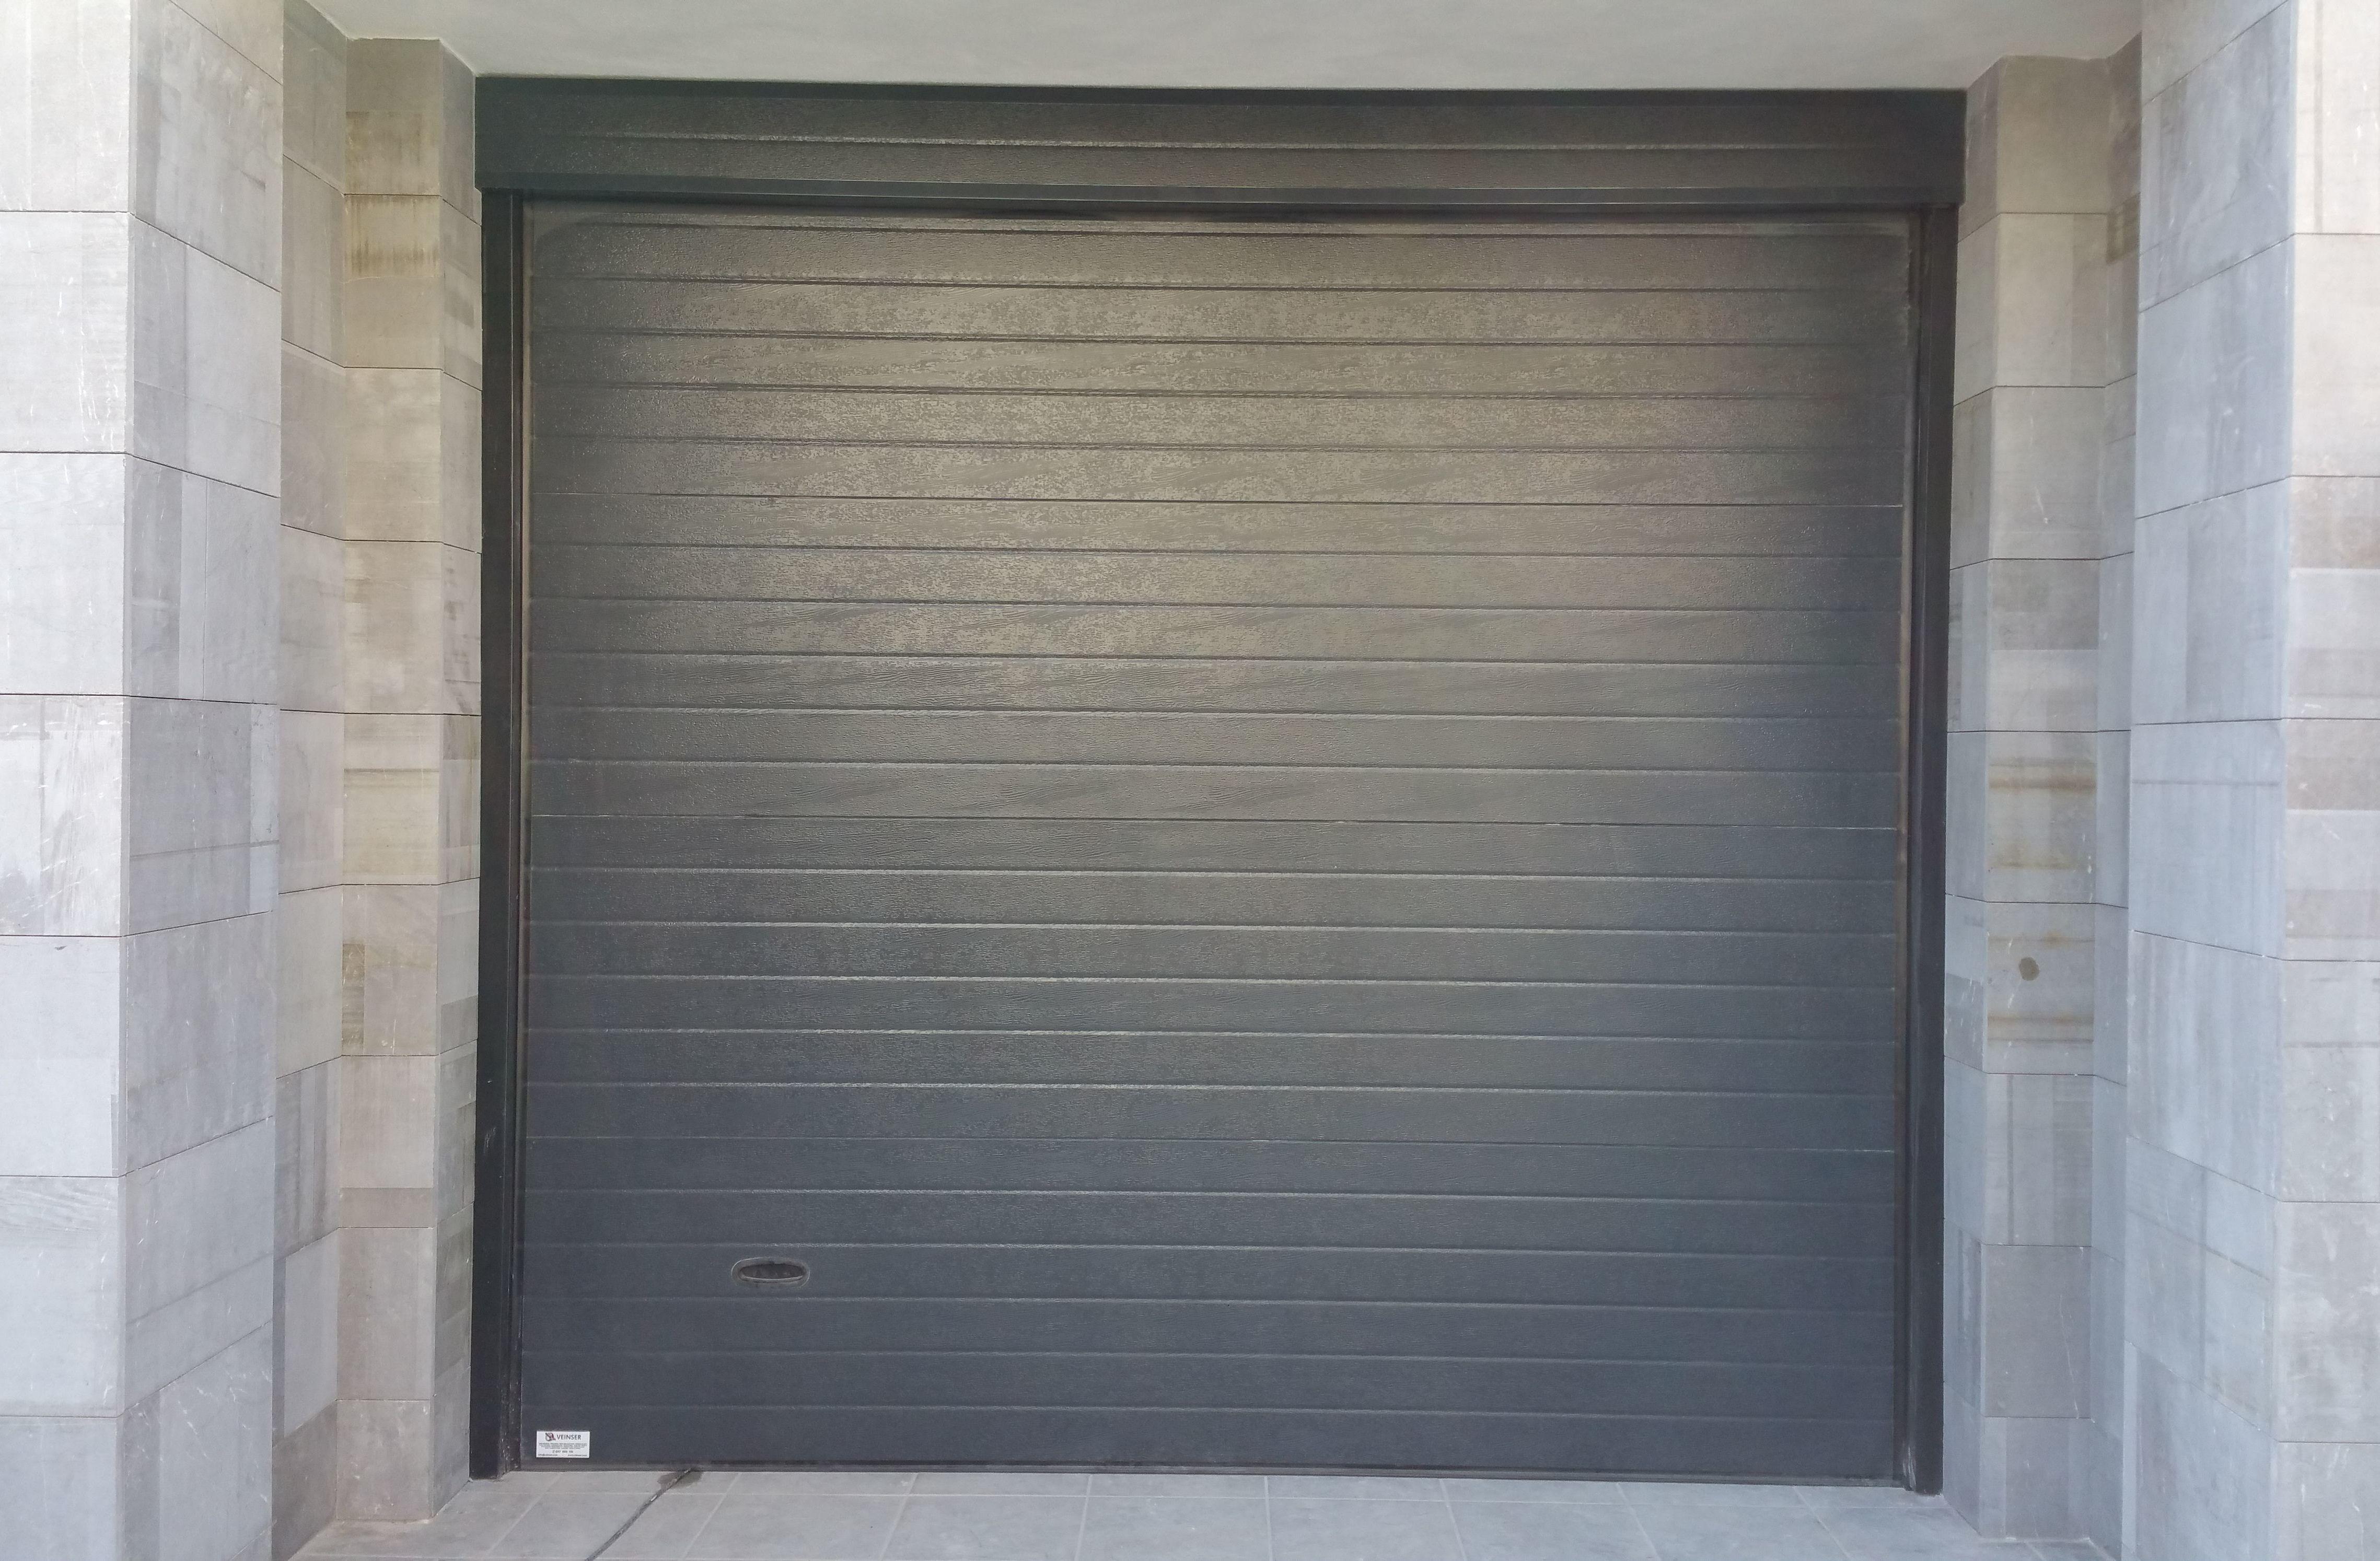 Foto 3 de Puertas automáticas en Churriana de la Vega | Veinser Automatismos